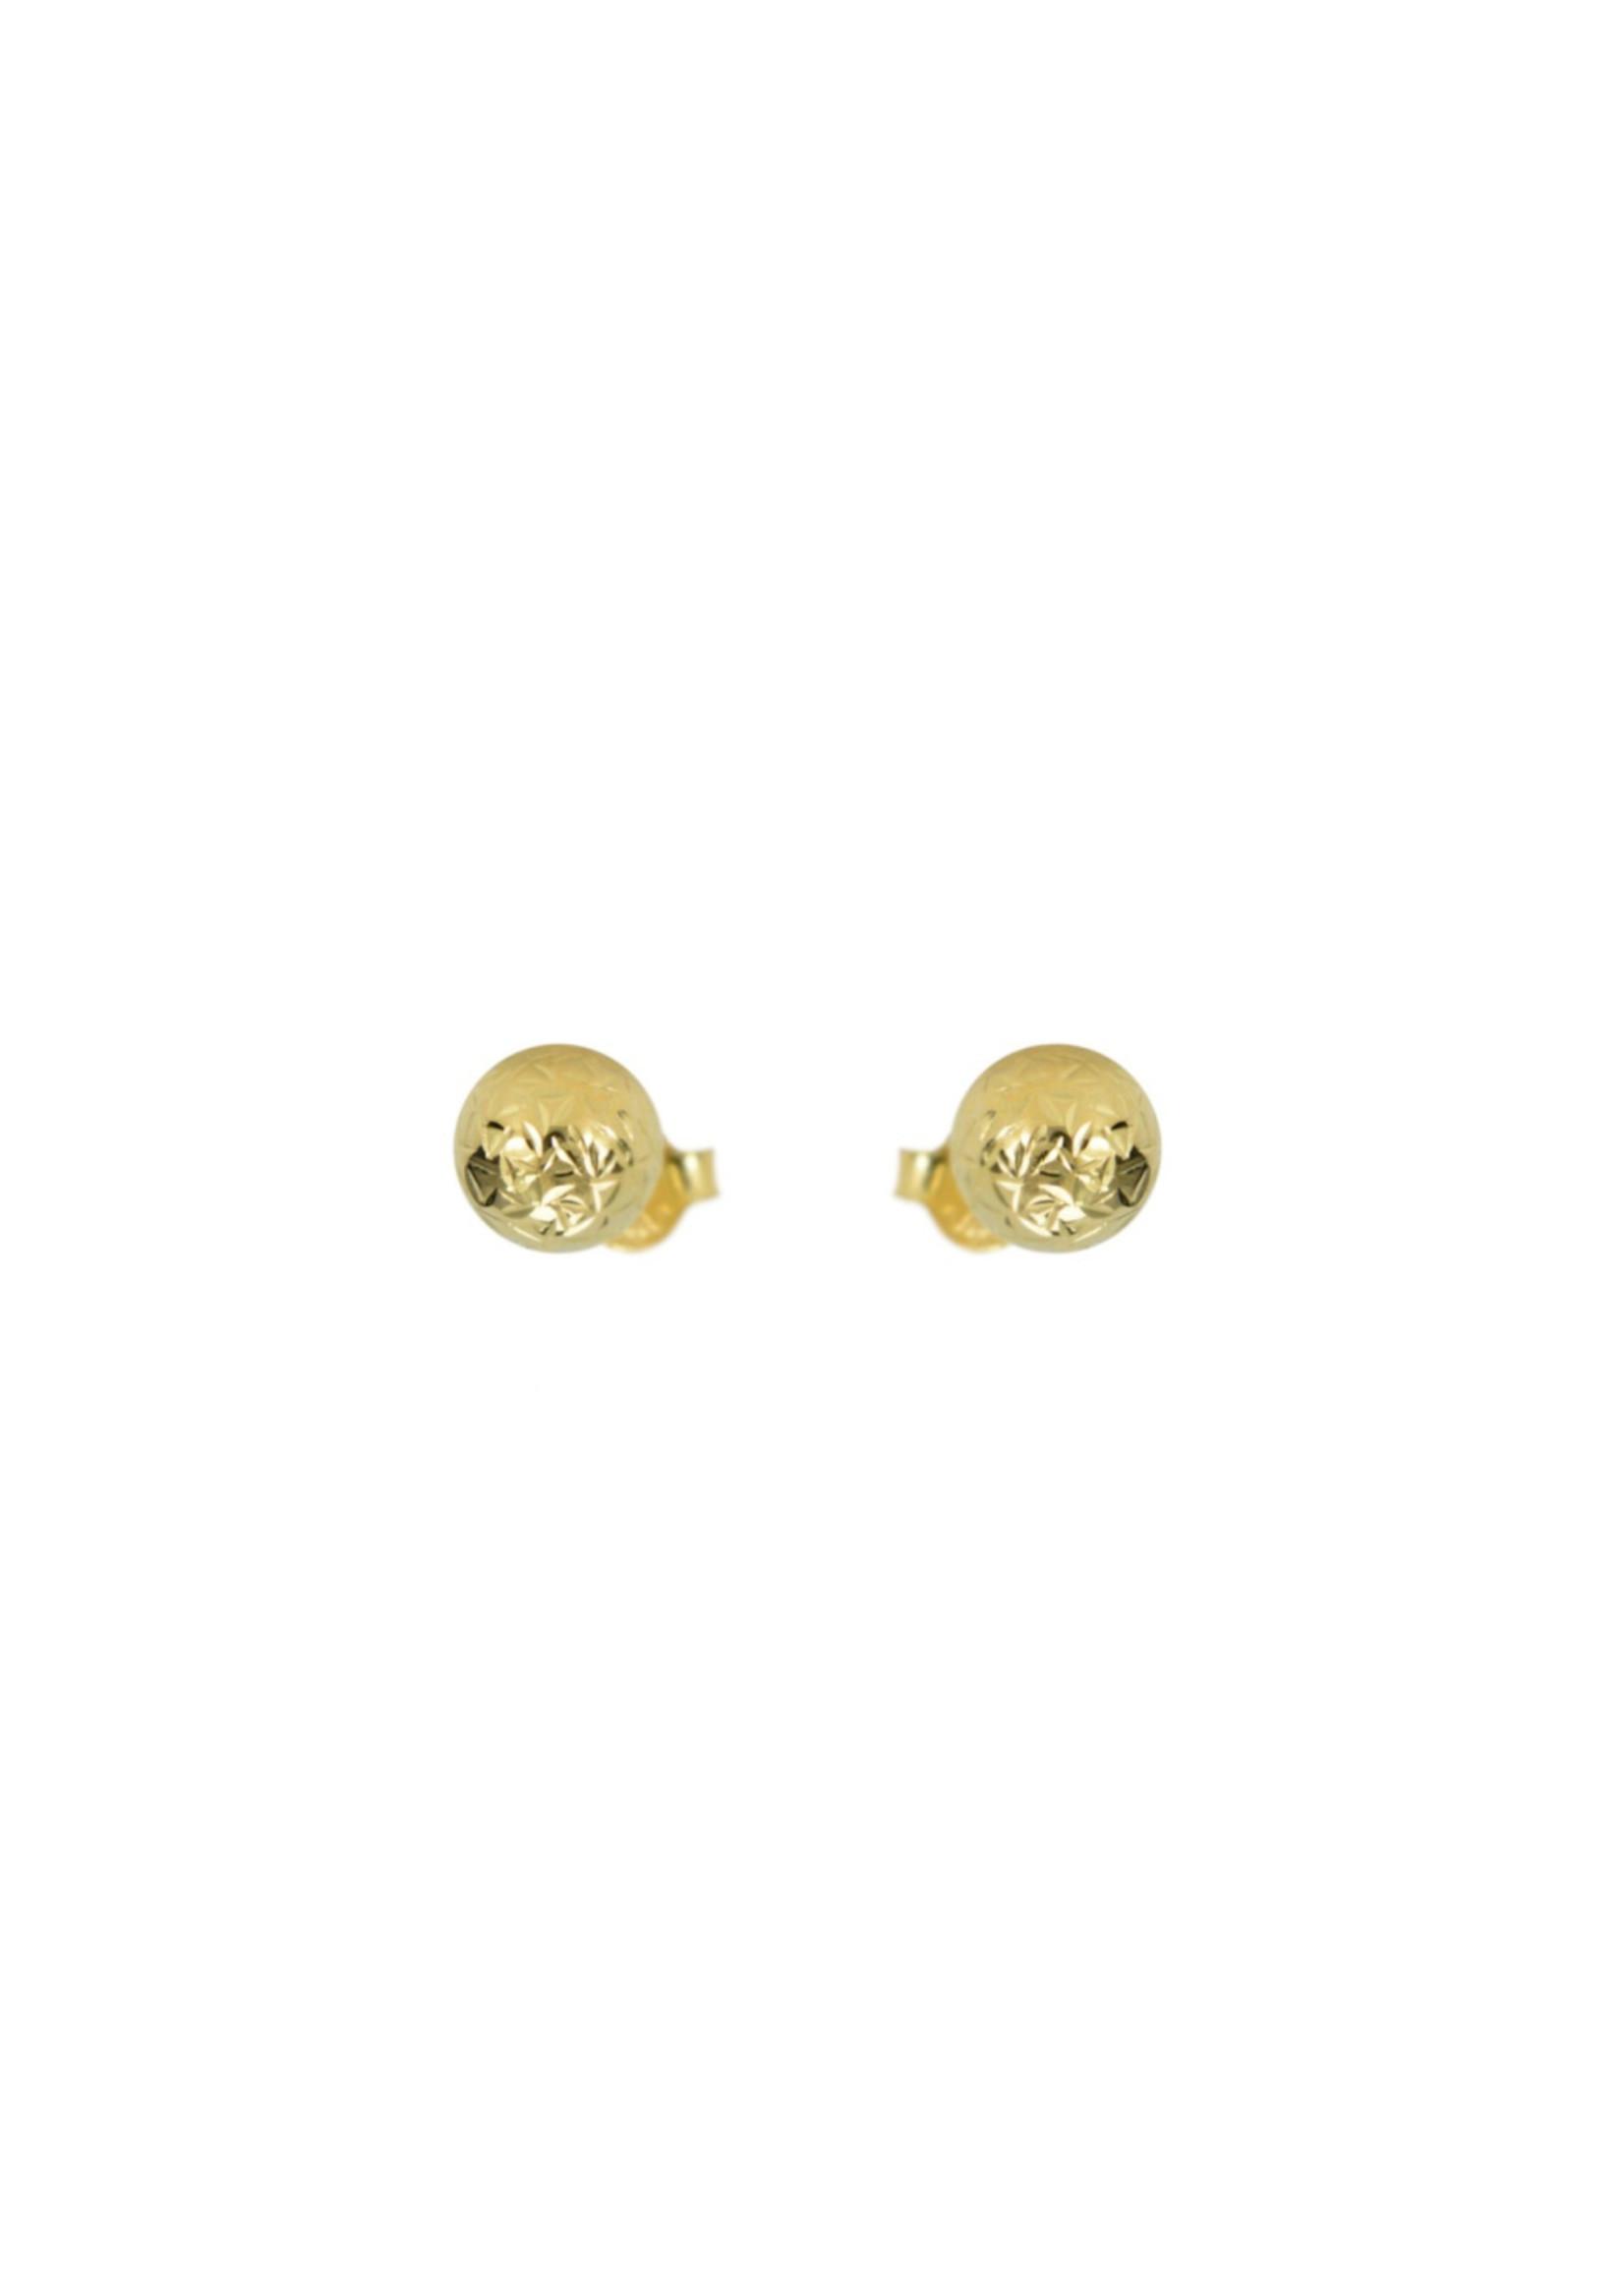 Boucles d'oreilles Boules Stud Or 10K